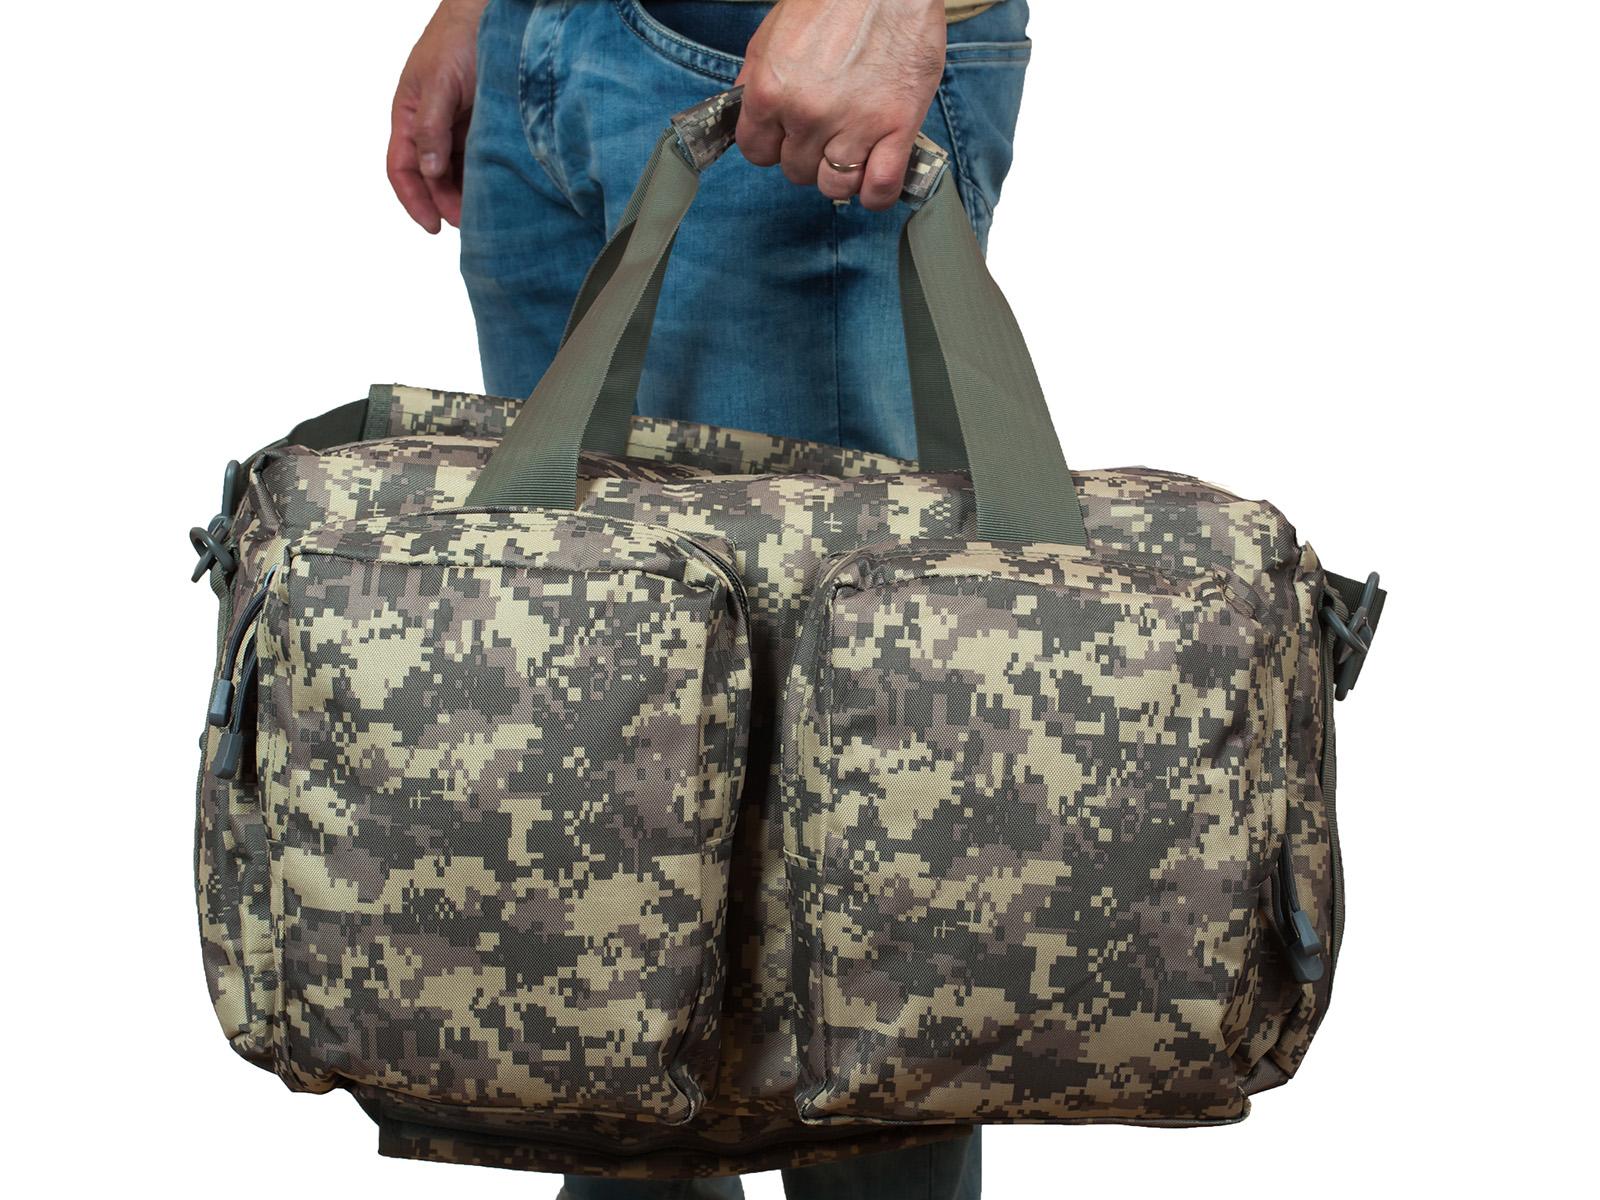 Камуфляжная походная сумка Русская Охота - купить в подарок